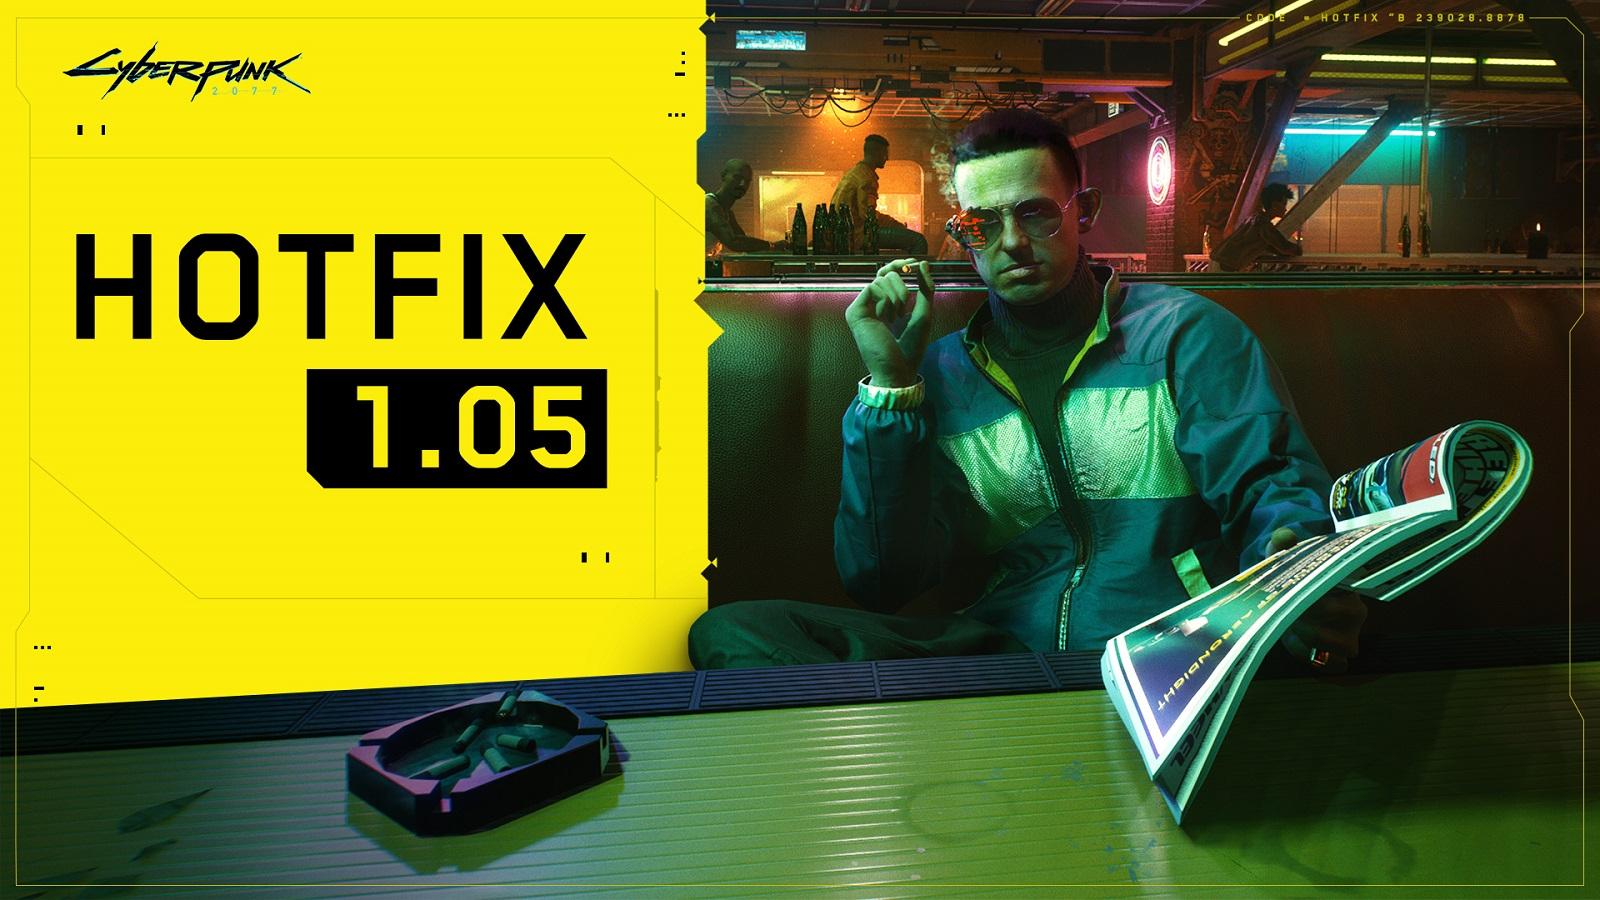 Cyberpunk 2077 обновилась до версии 1.05 — патч устраняет баги и улучшает работу игры на ПК и консолях